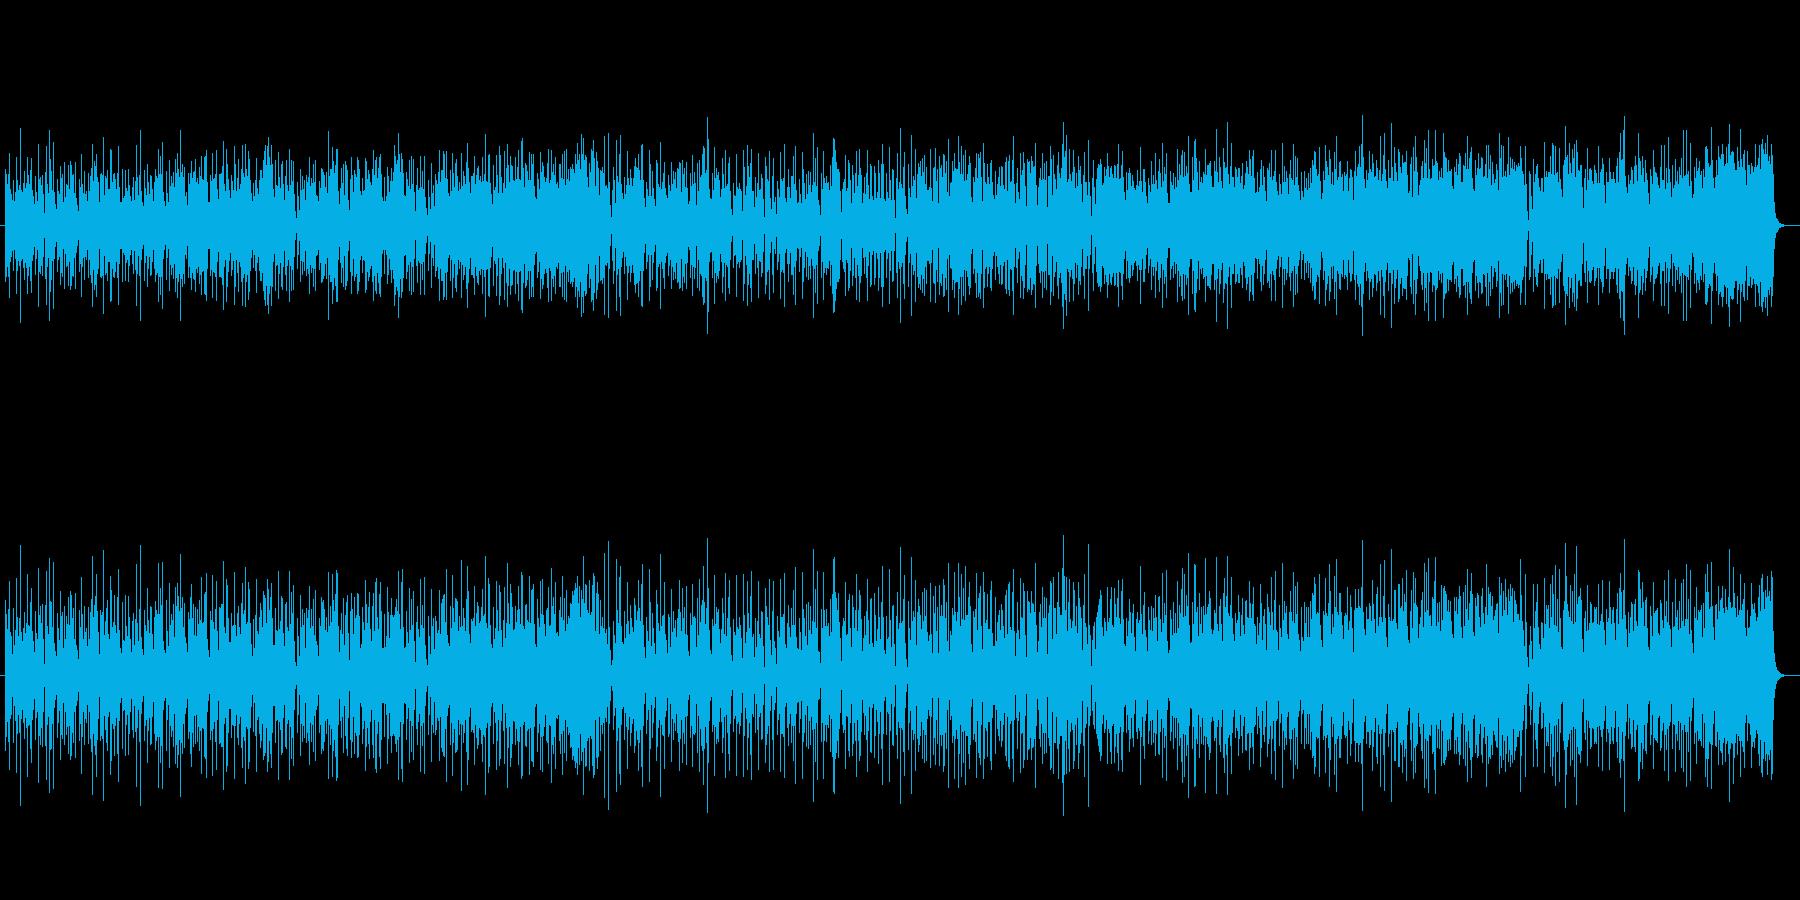 ノリの良いアップテンポ・フュージョンの再生済みの波形